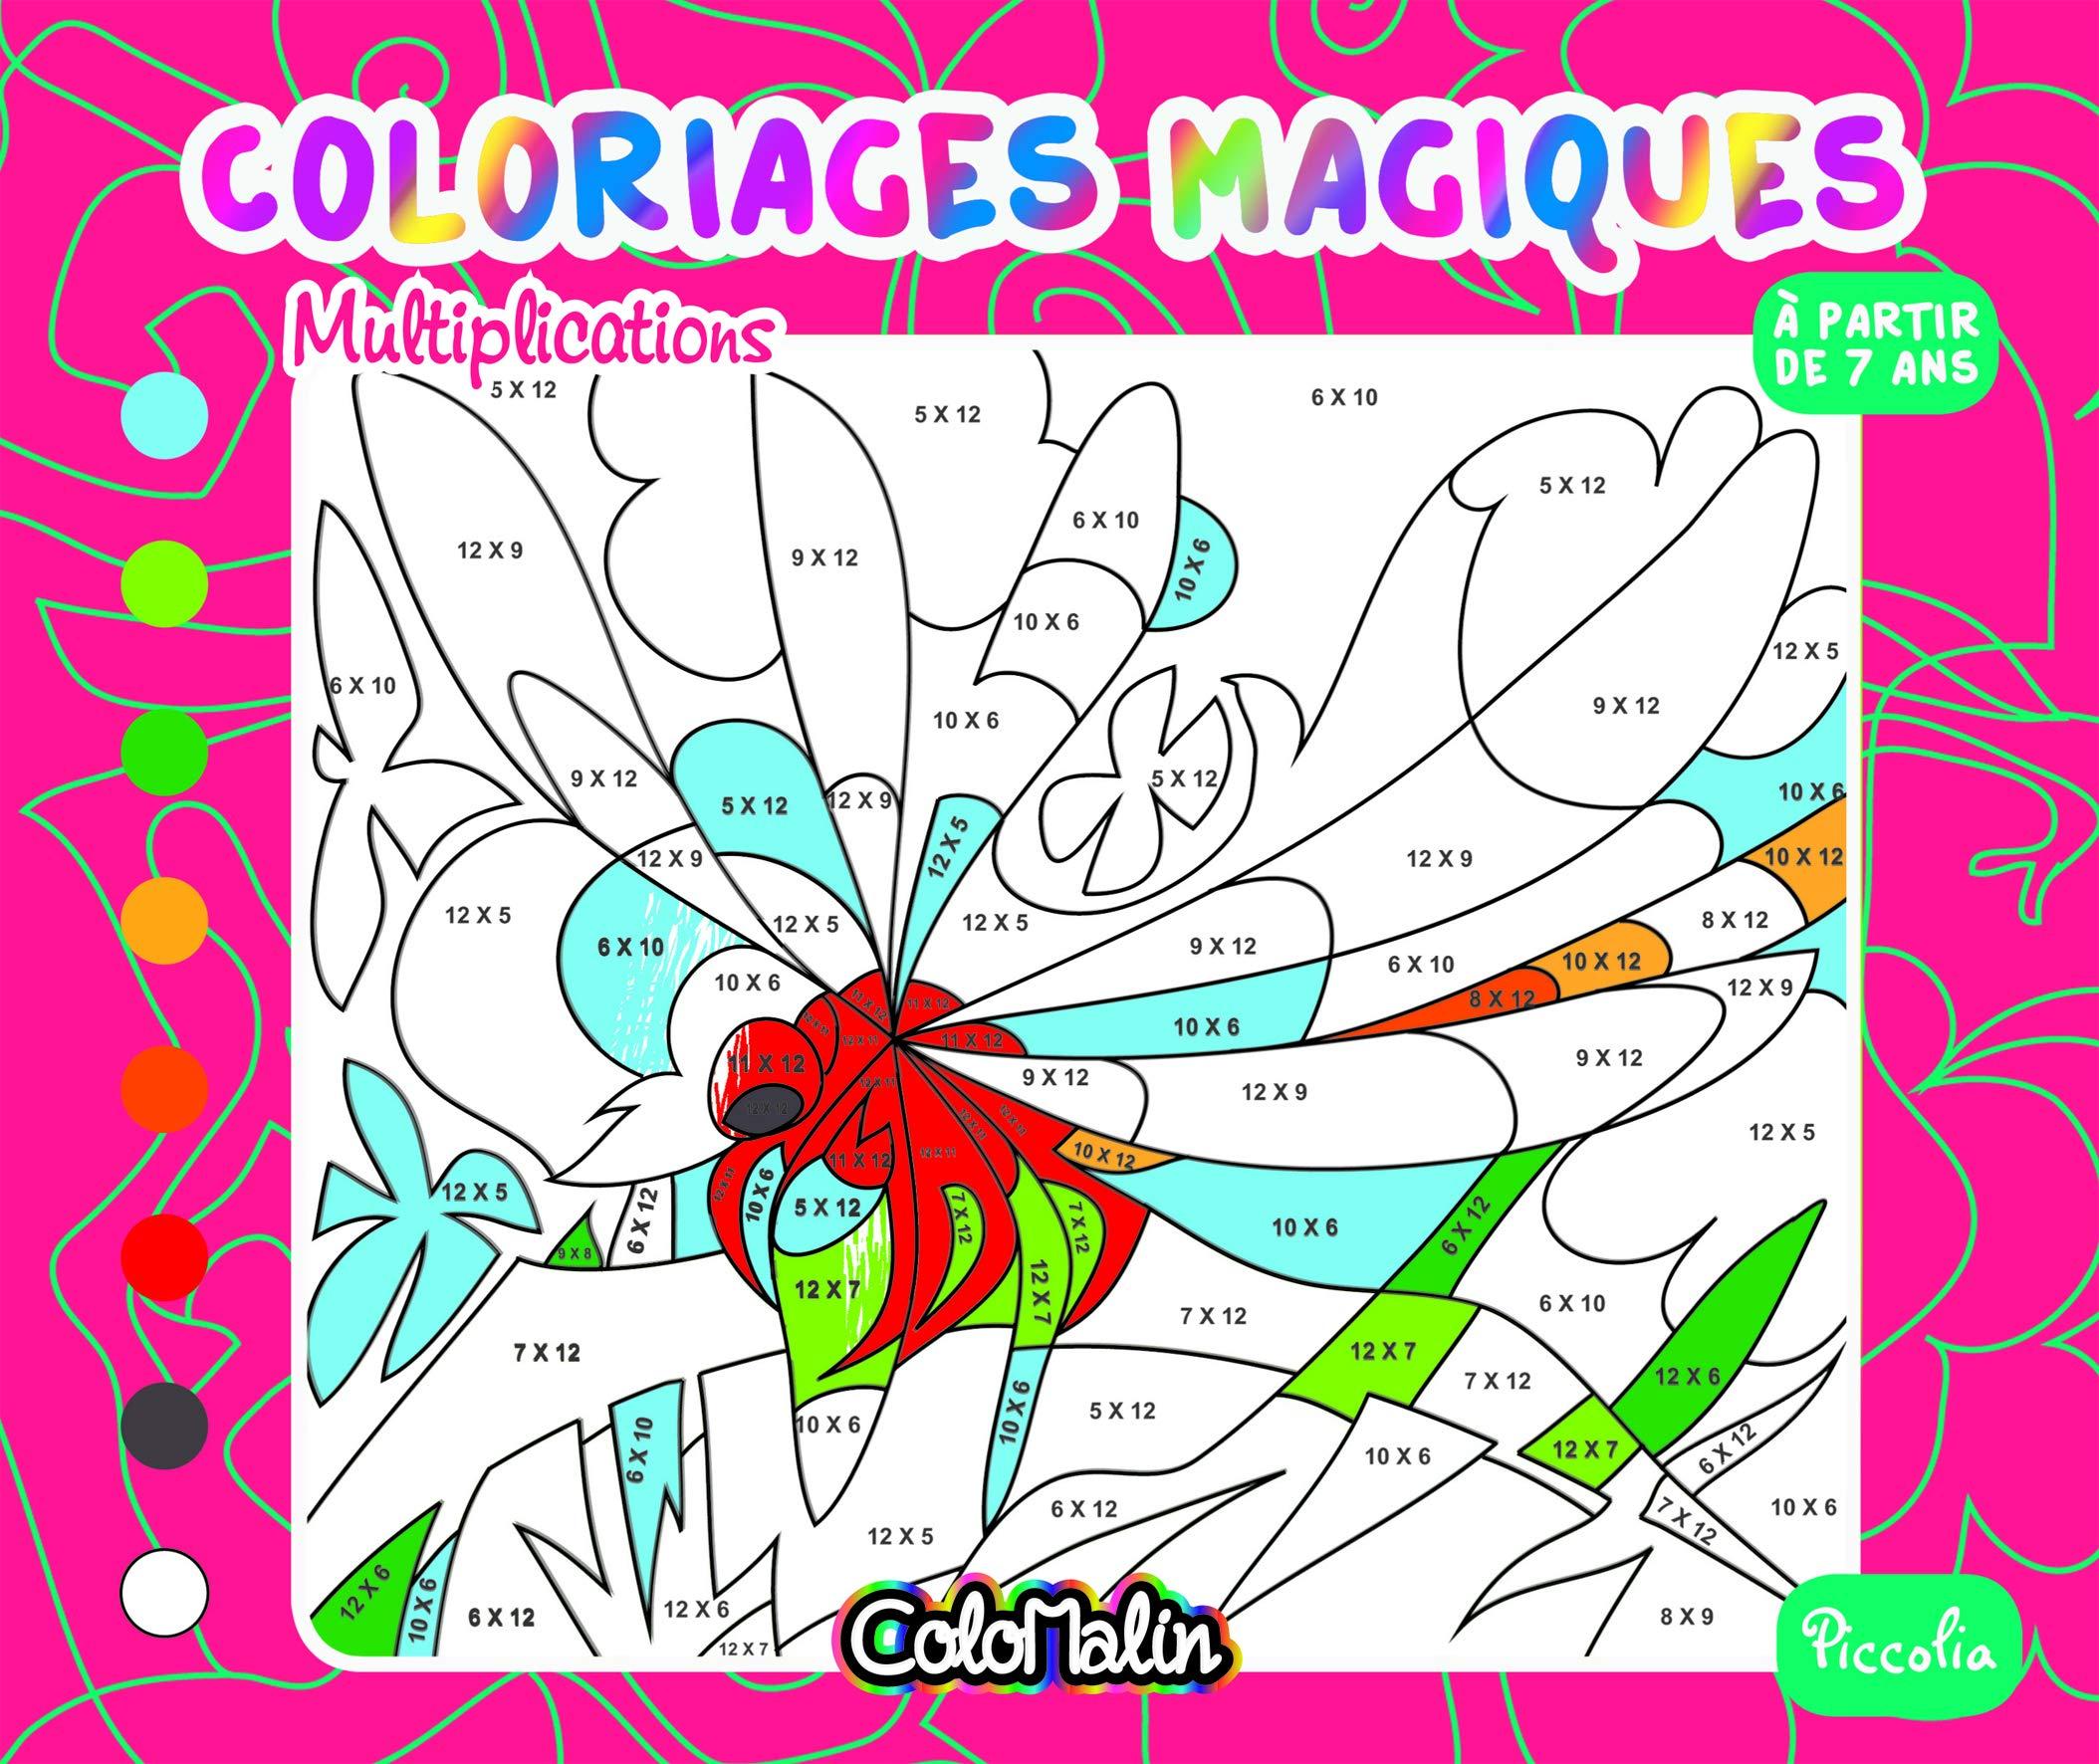 Coloriages Magiques Multiplications Colomalin A Partir De 7 Ans French Edition Collectif 9782504211205 Amazon Com Books